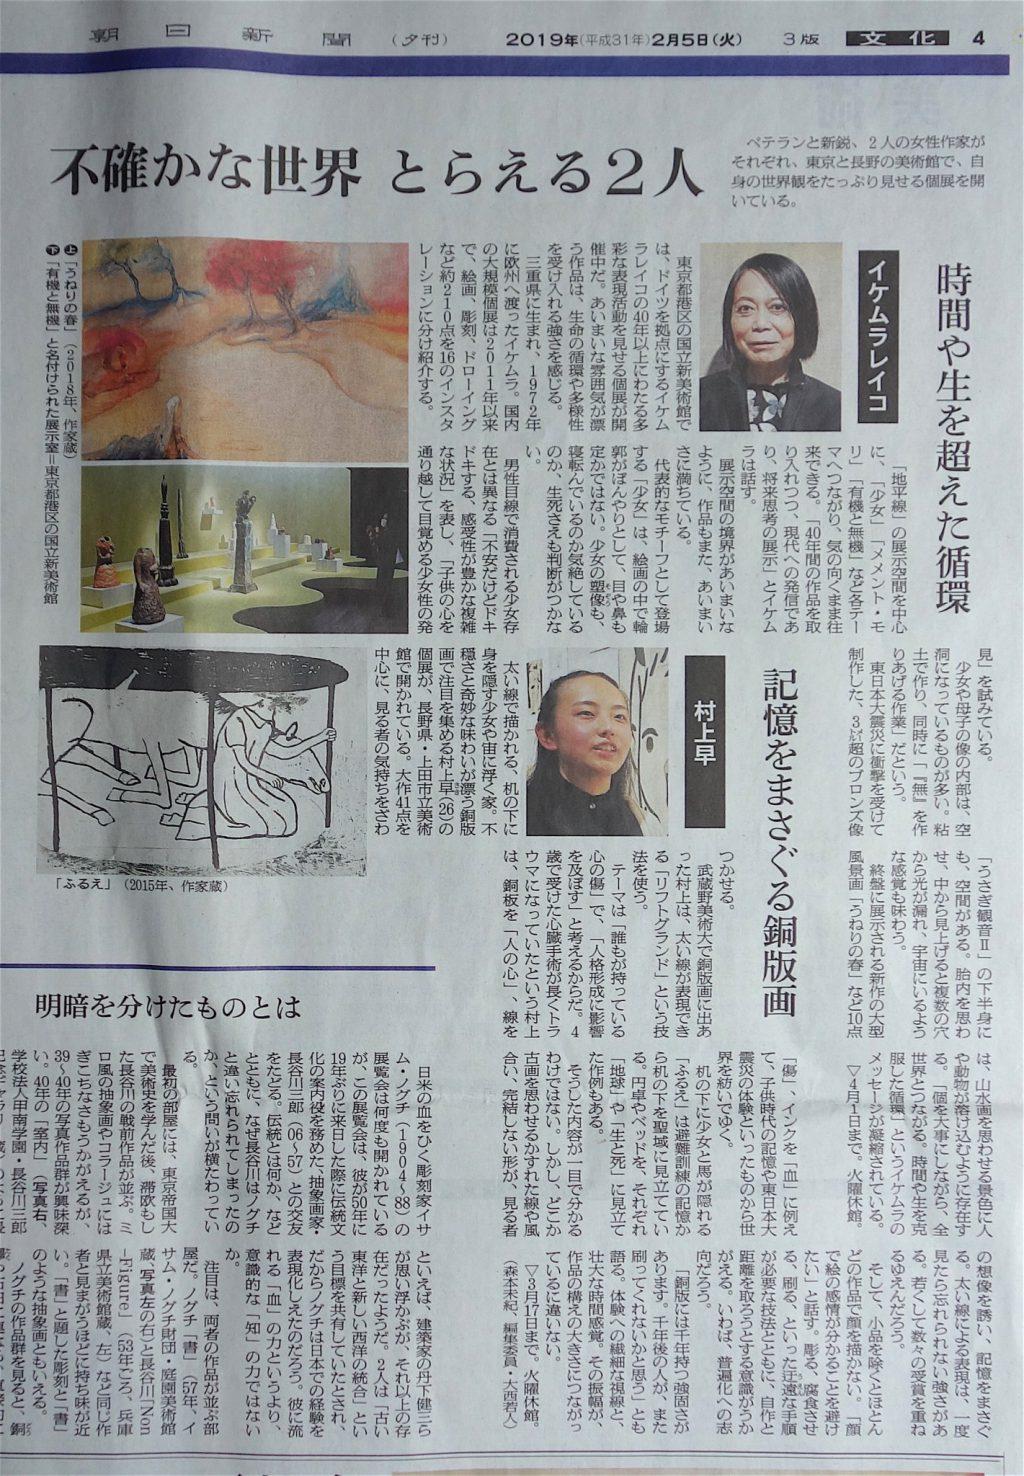 イケムラレイコ@朝日新聞夕刊、平成31年2月5日